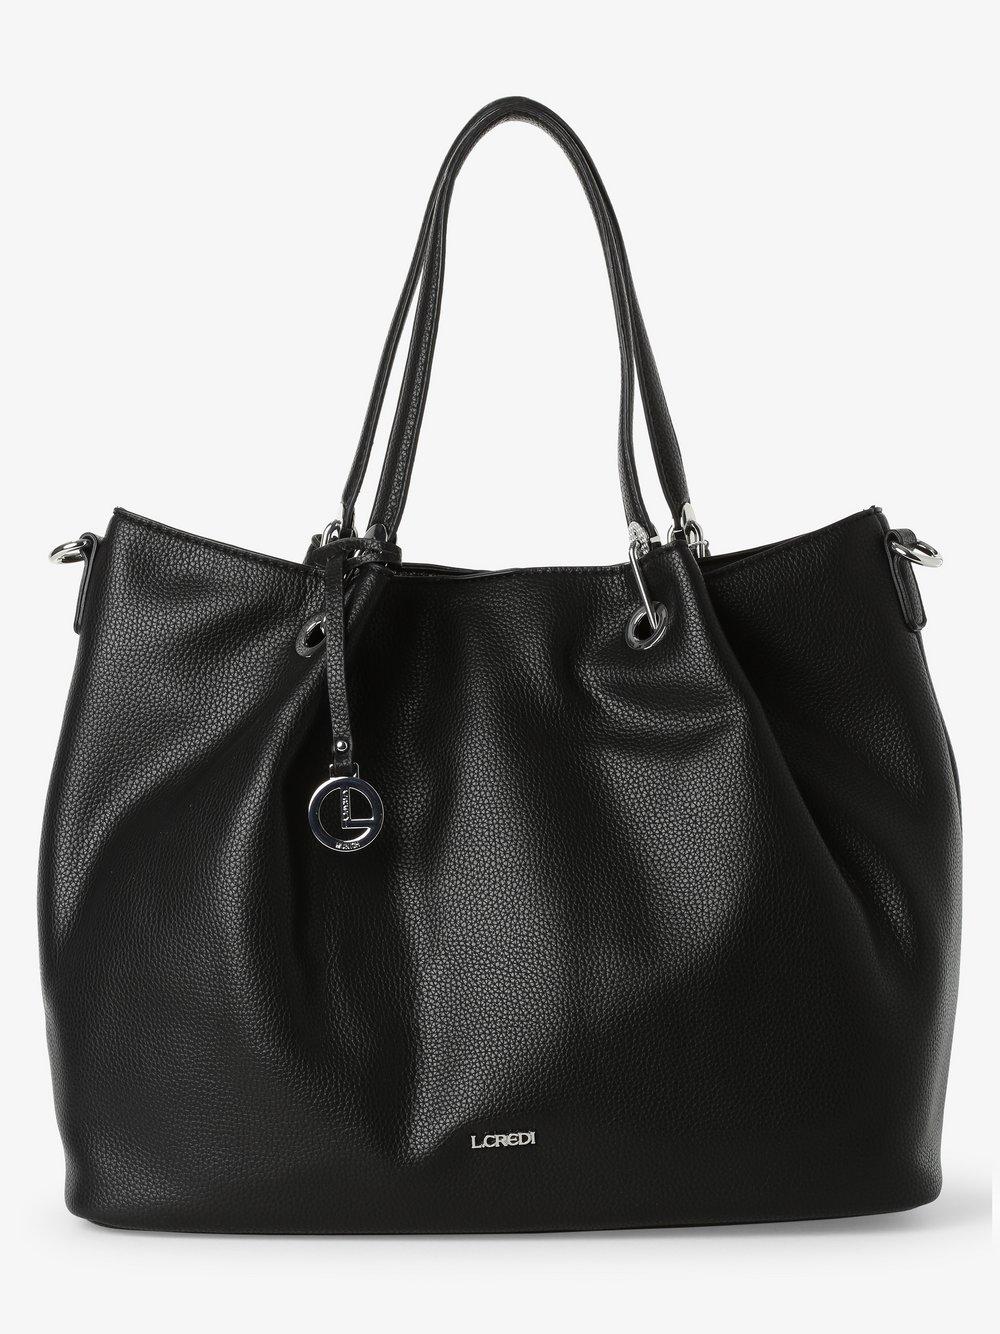 L.Credi - Damska torba shopper z torebką wewnętrzną – Ebony, czarny